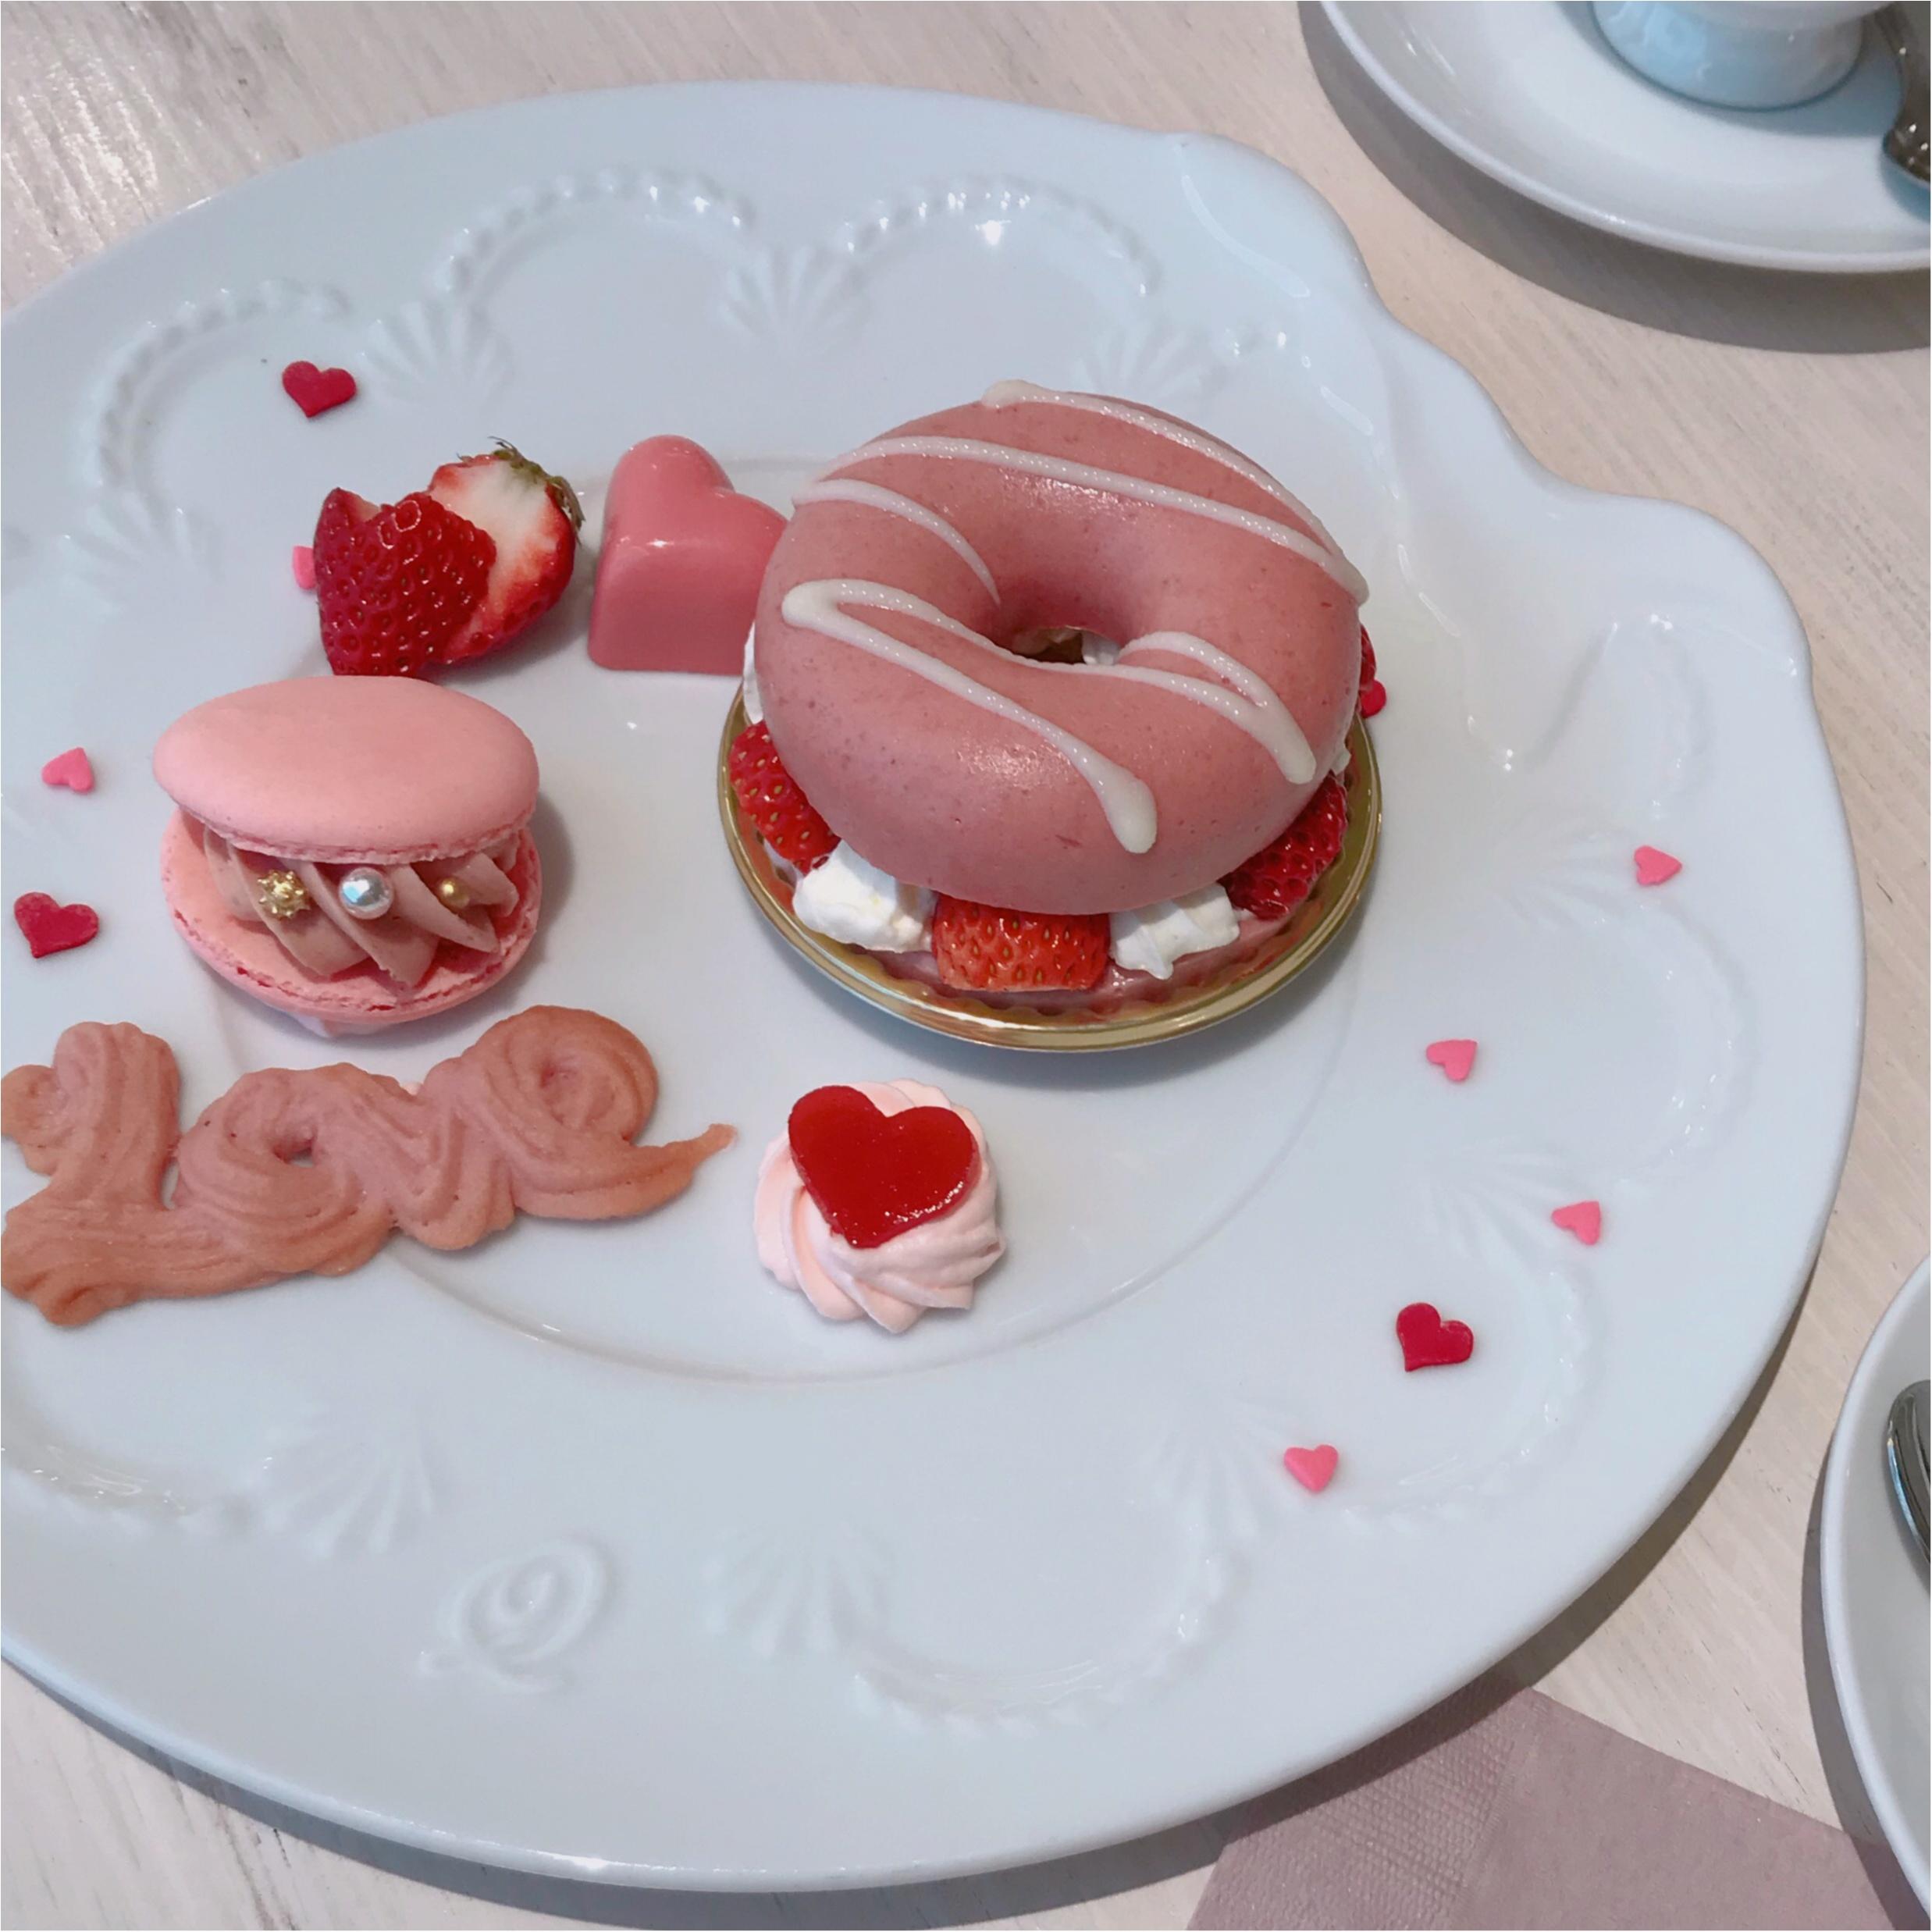 バレンタイン限定❤︎表参道で食べる可愛すぎるスイーツ♡_2